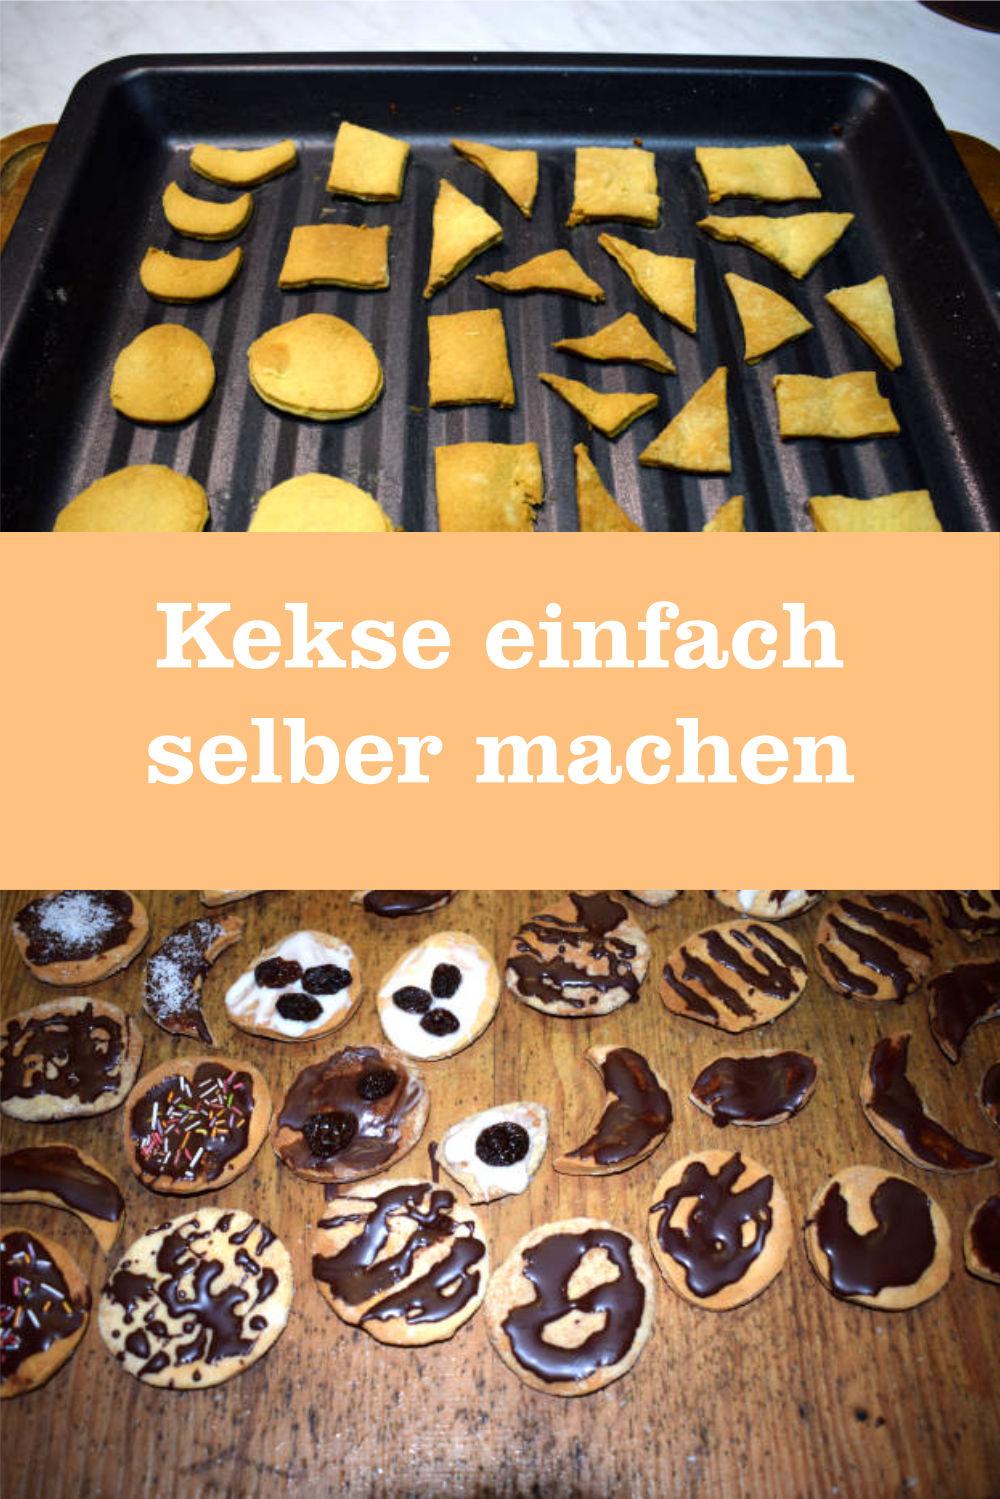 Kekse selber machen